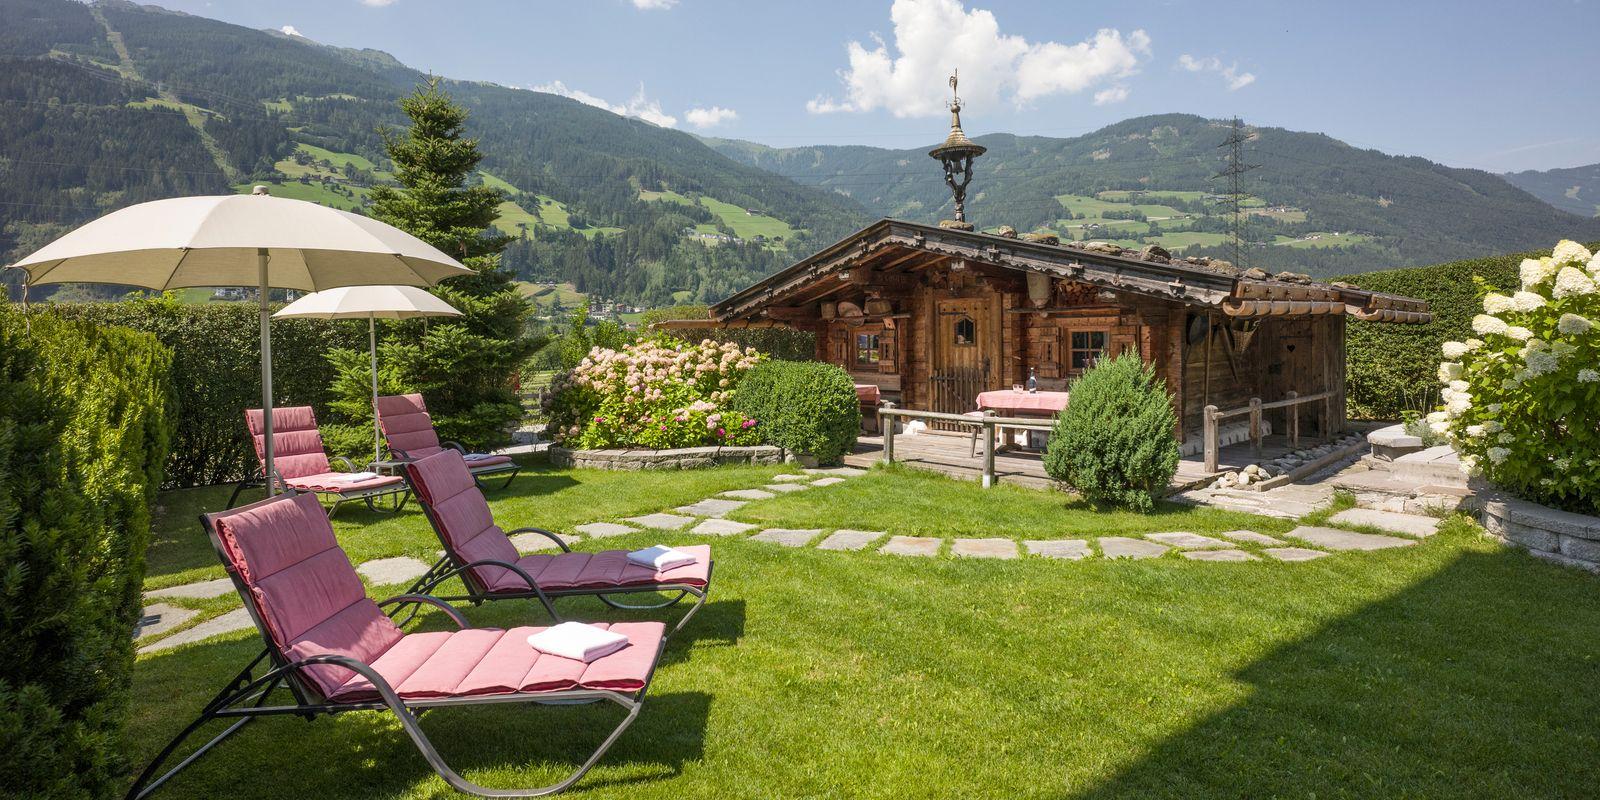 Schöner Garten zum Entspannen